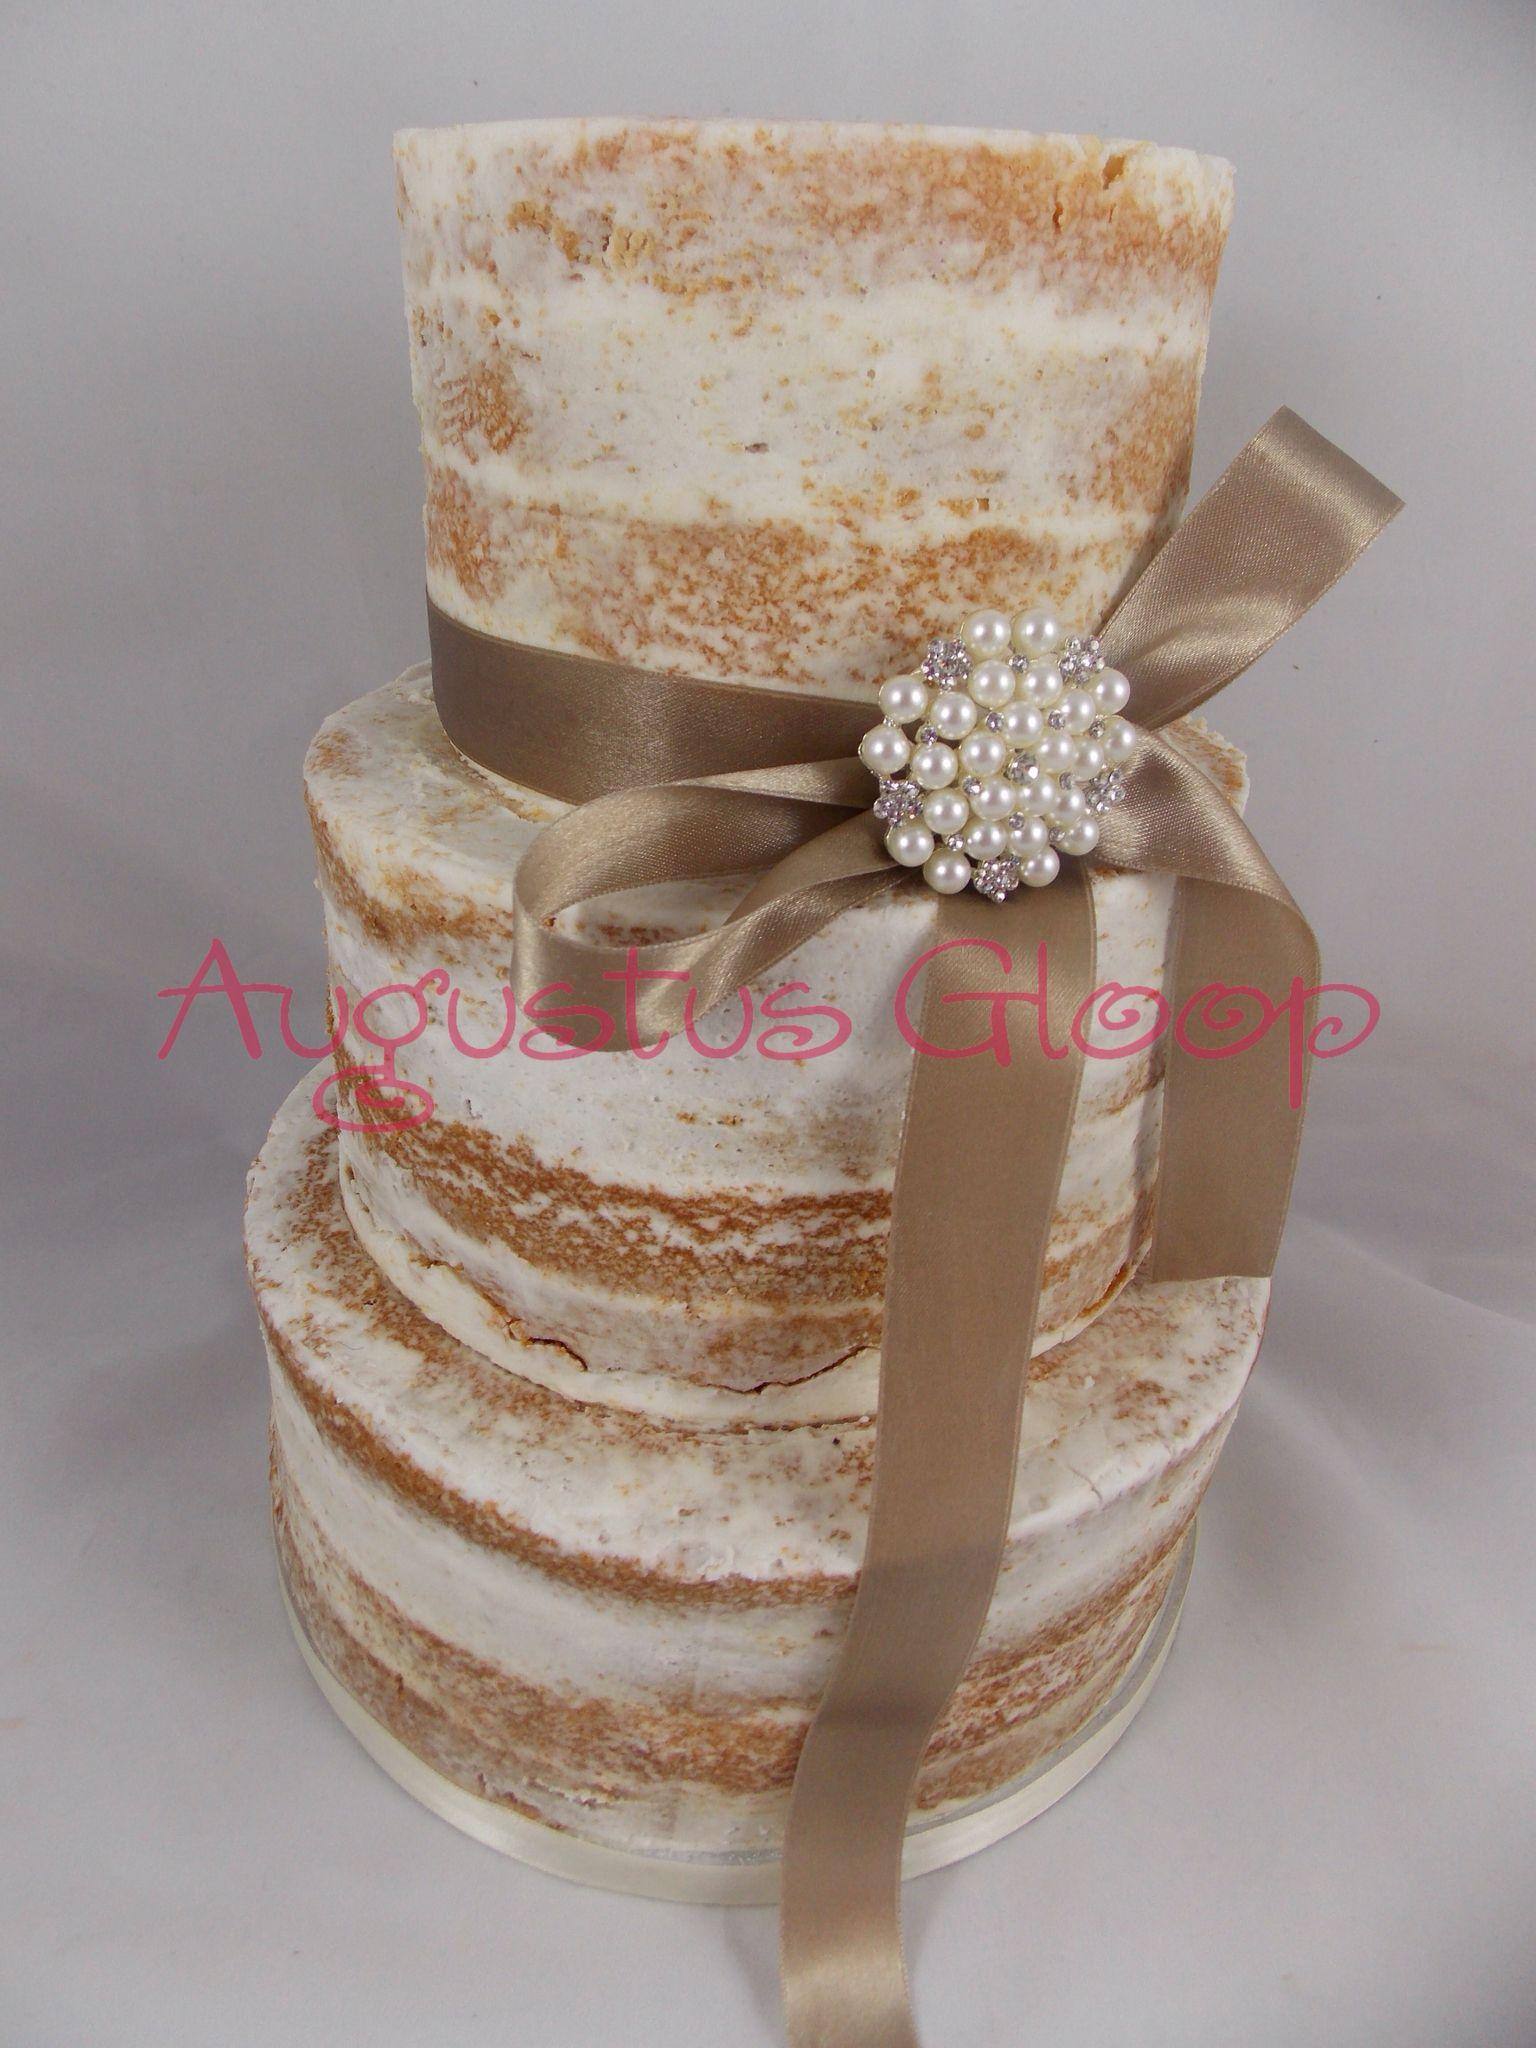 Augustus Gloop Wales Cakes Facebookcom Augustusgloopwales Pretty Ribbon Style Naked Wedding Elegant StylesVanilla SpongeWedding